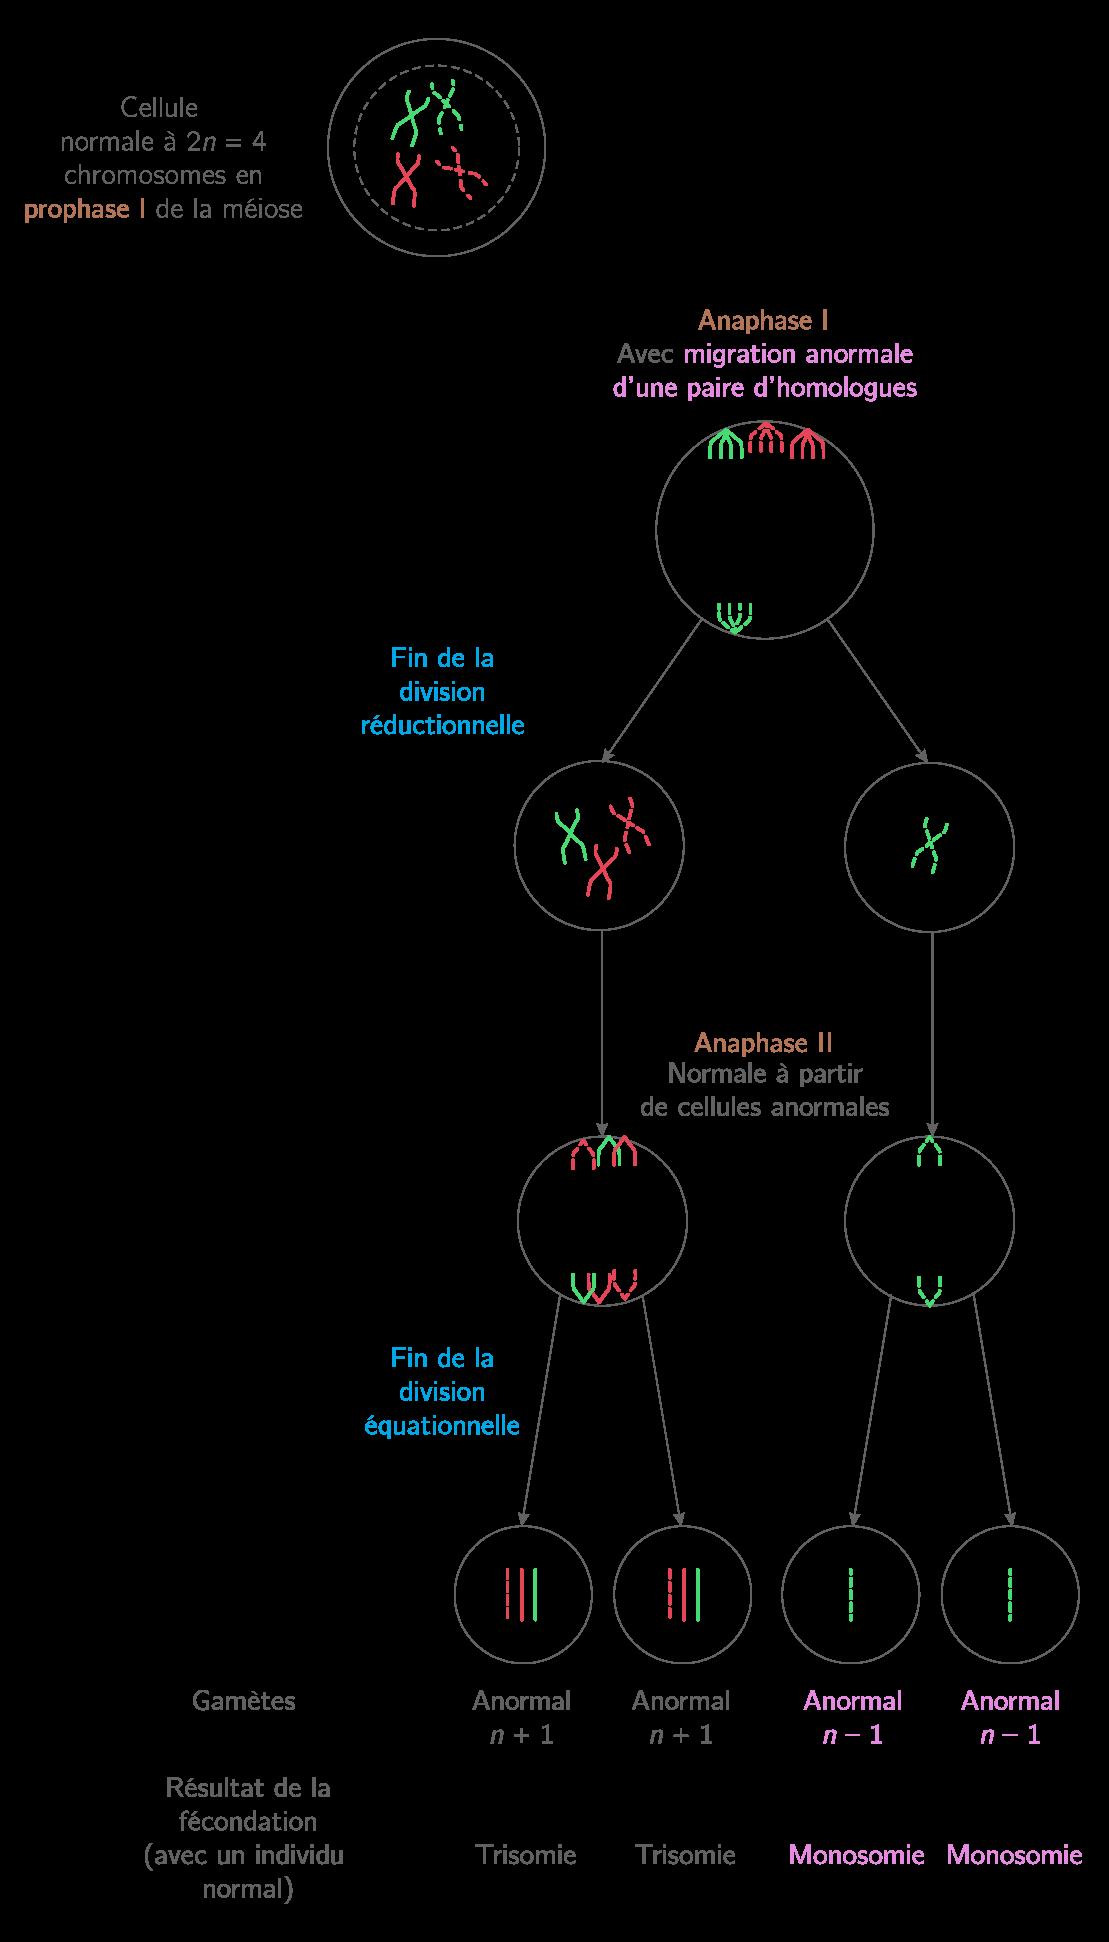 Schématisation d'une non-disjonction en anaphase 1